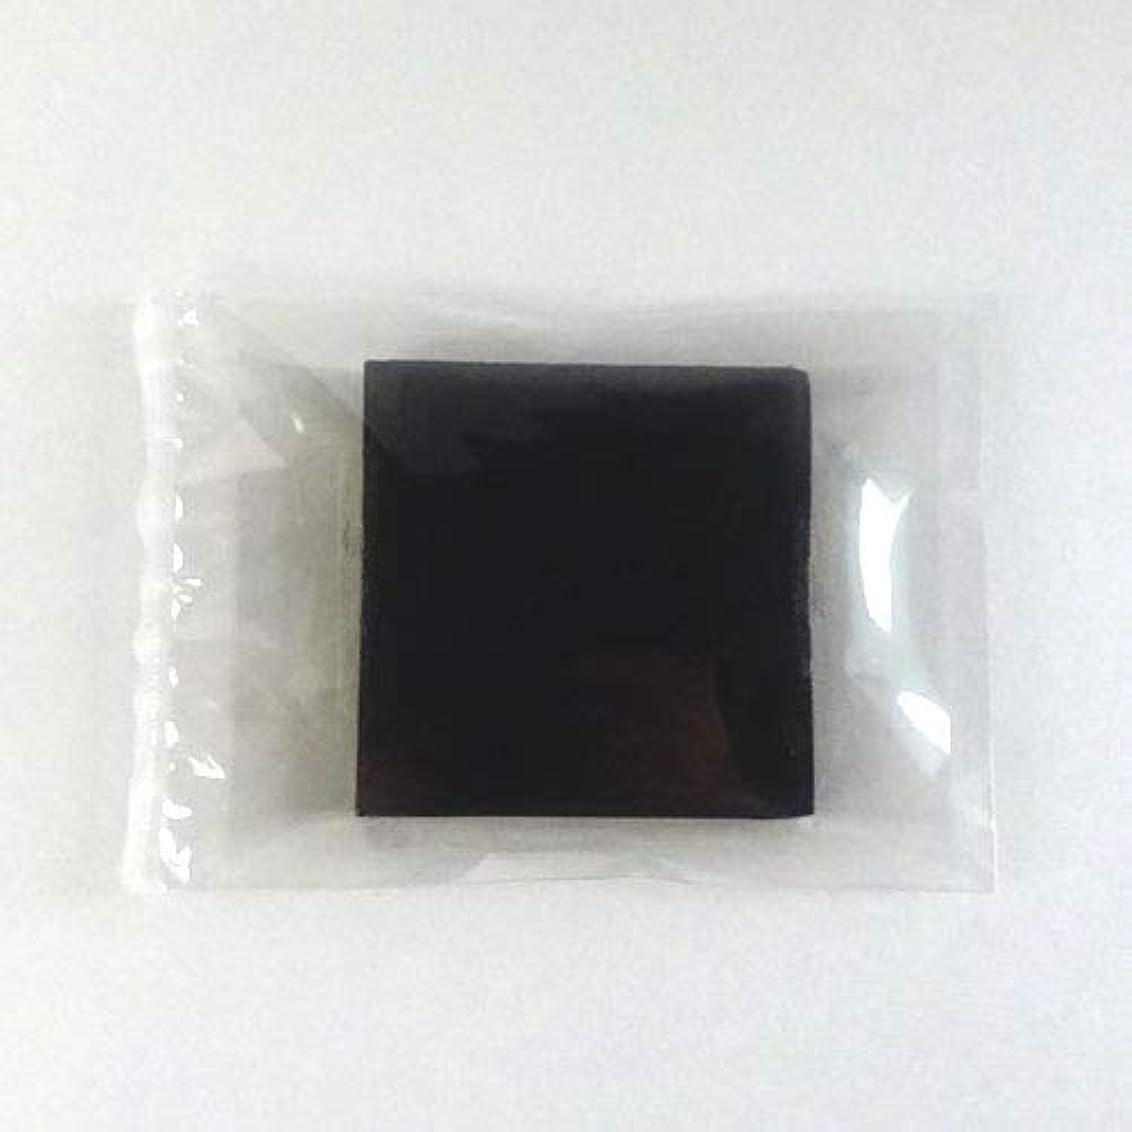 アクセシブル絶望うぬぼれたグリセリンソープ MPソープ 色チッププ 黒(ブラック) 60g (30g x 2pc)